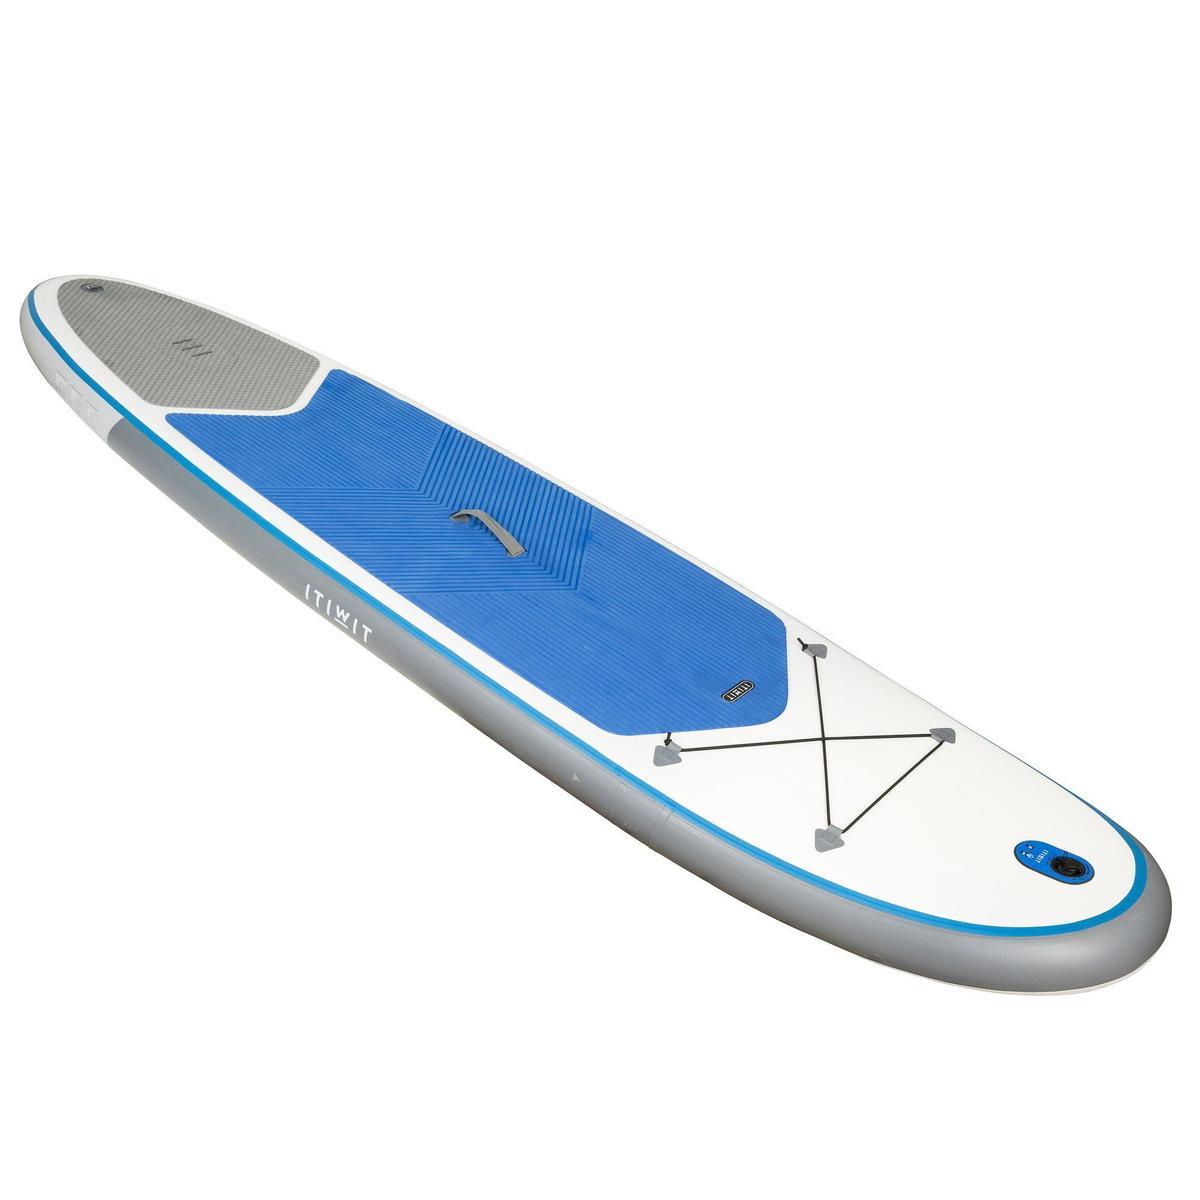 Bild 3 von SUP-Board Stand Up Paddle aufblasbar 100 / 10'7 blau